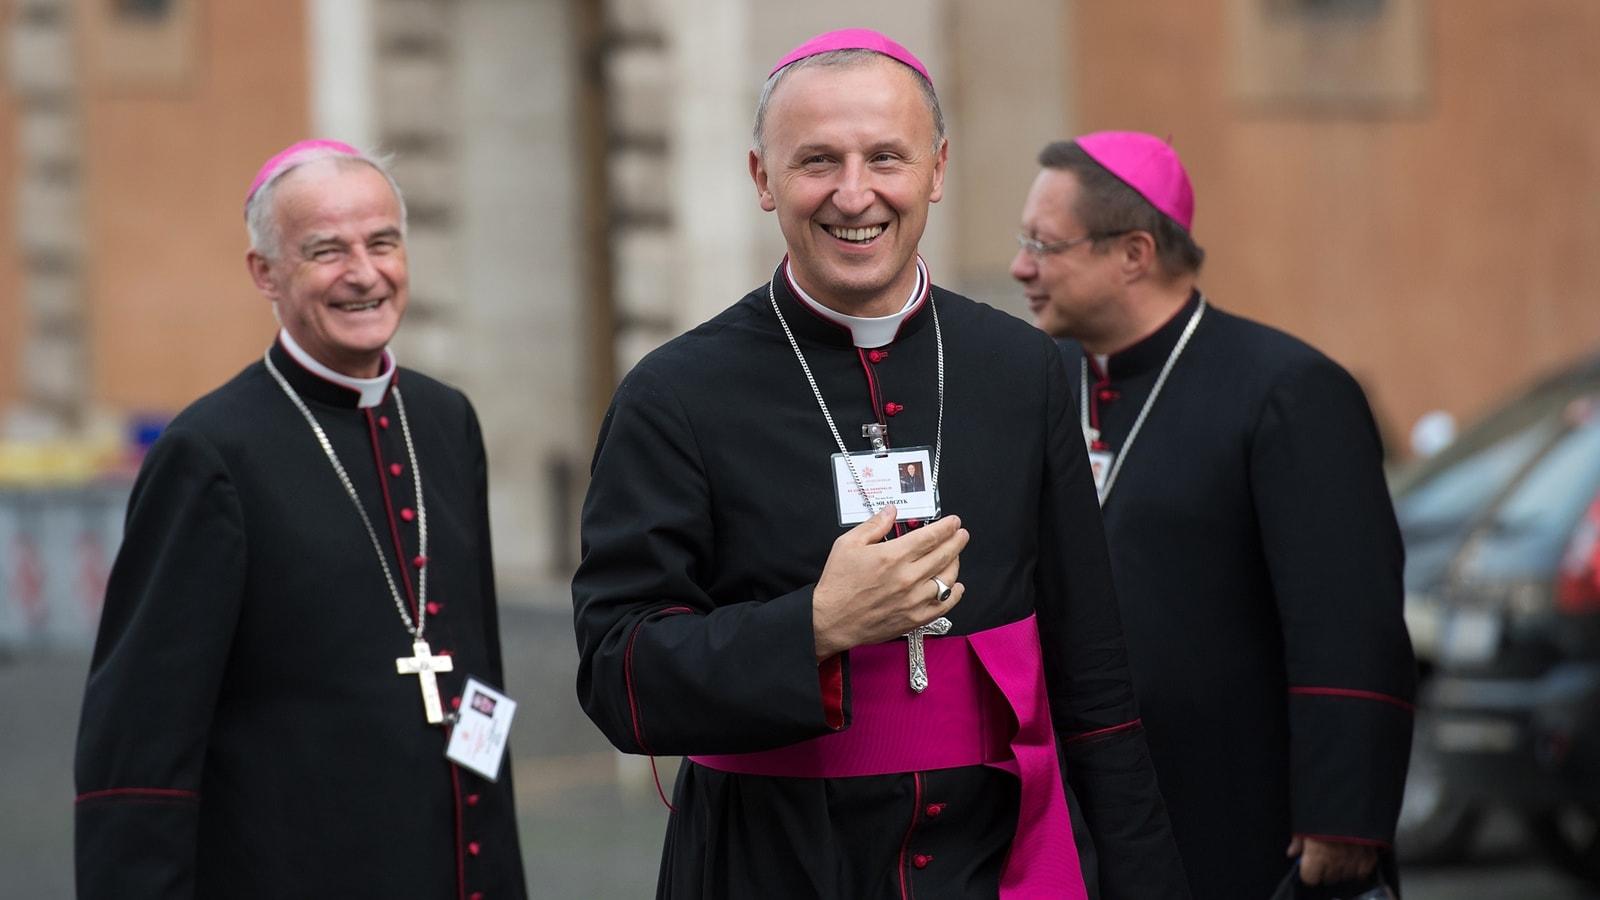 Synod o młodzieży [cytaty] – Katolickie Stowarzyszenie Młodzieży Archidiecezji Poznańskiej